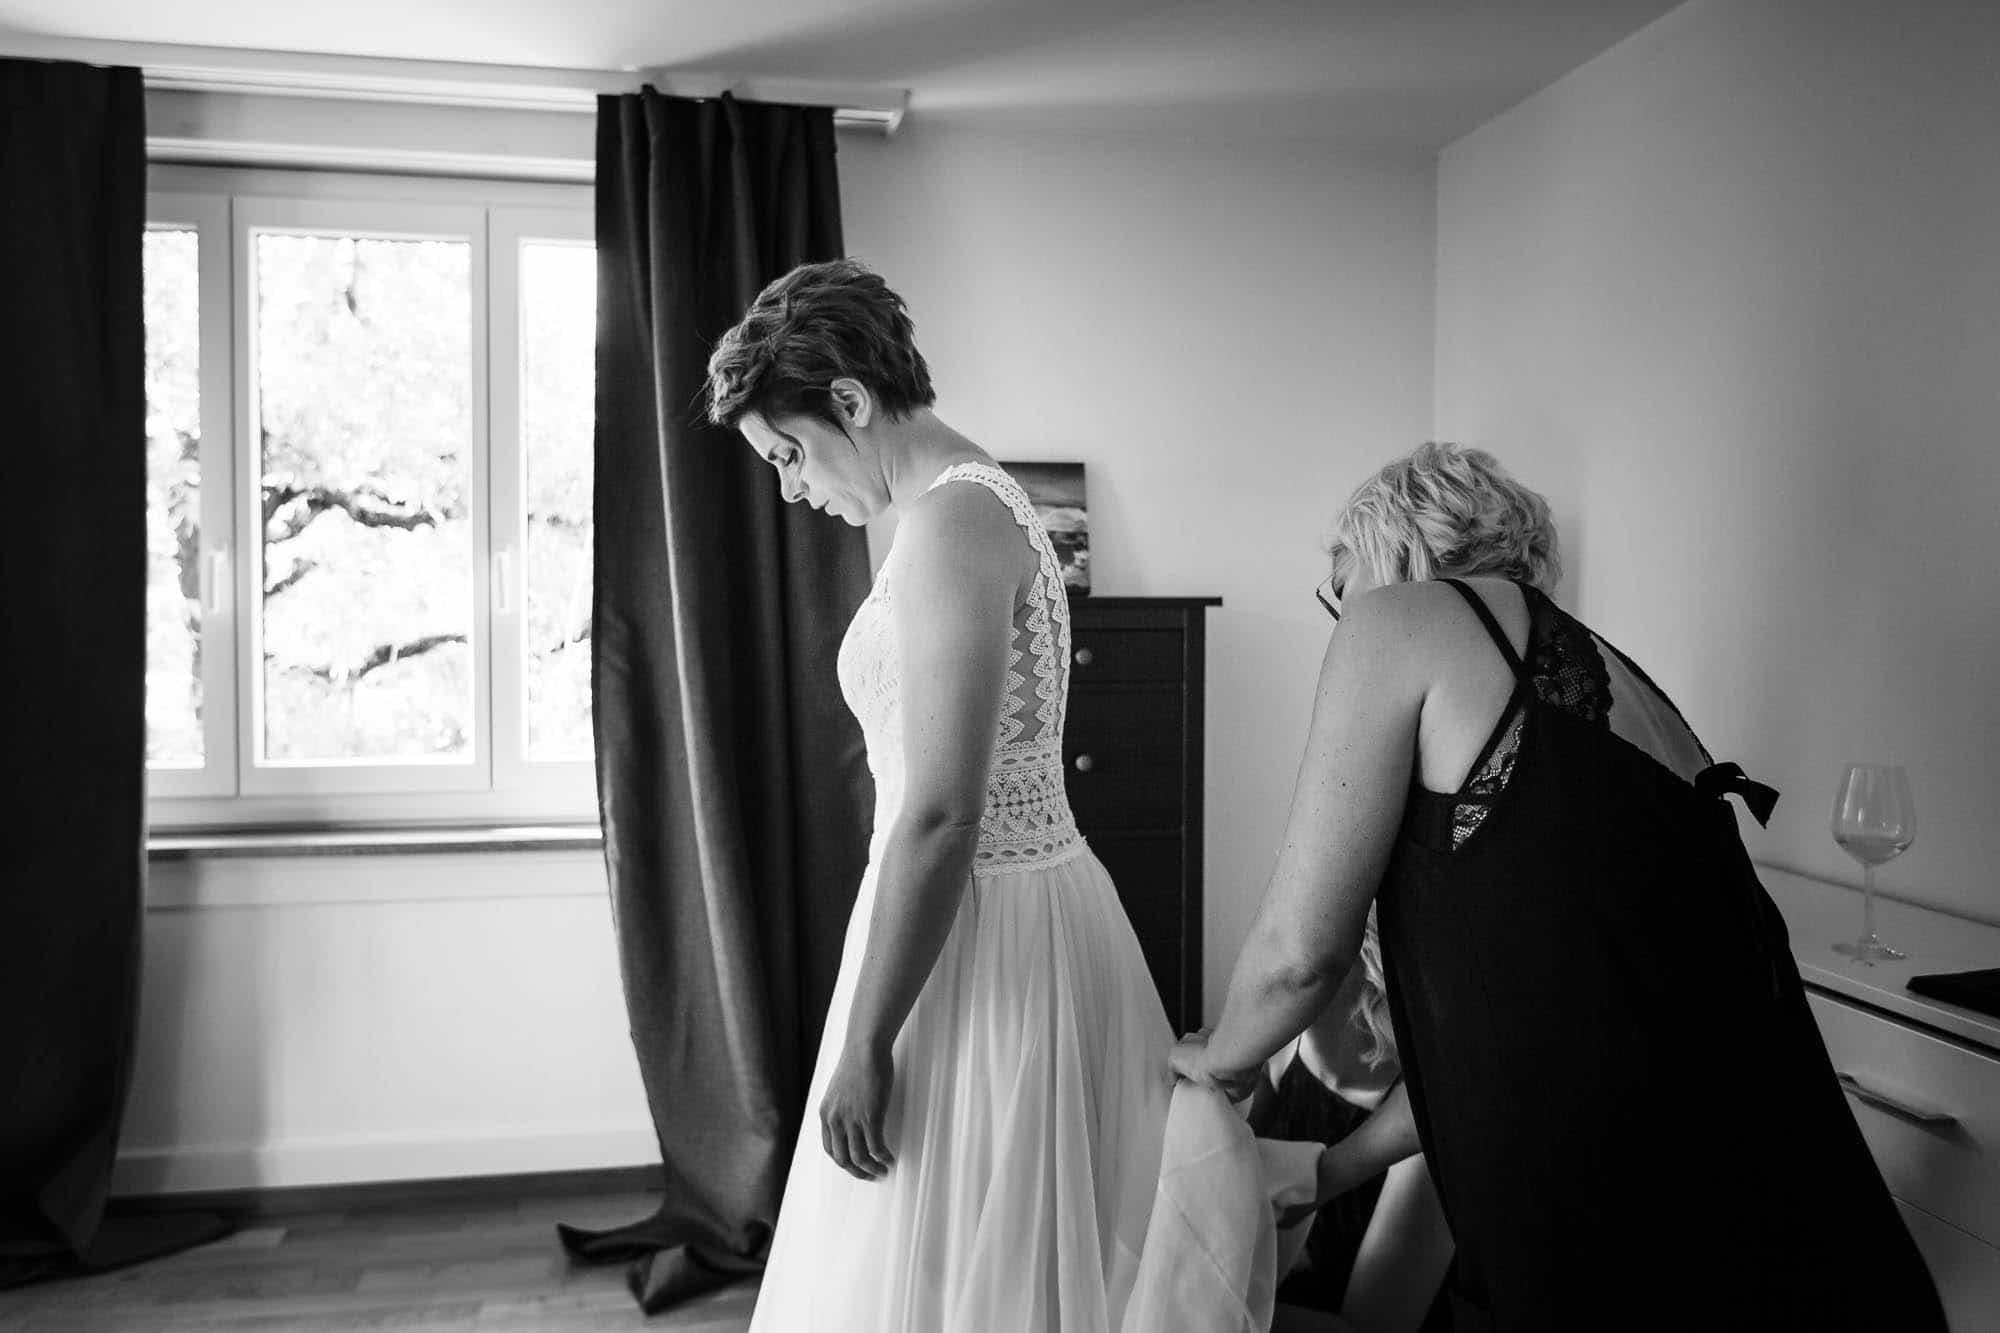 Brautkleid wird gerichtet